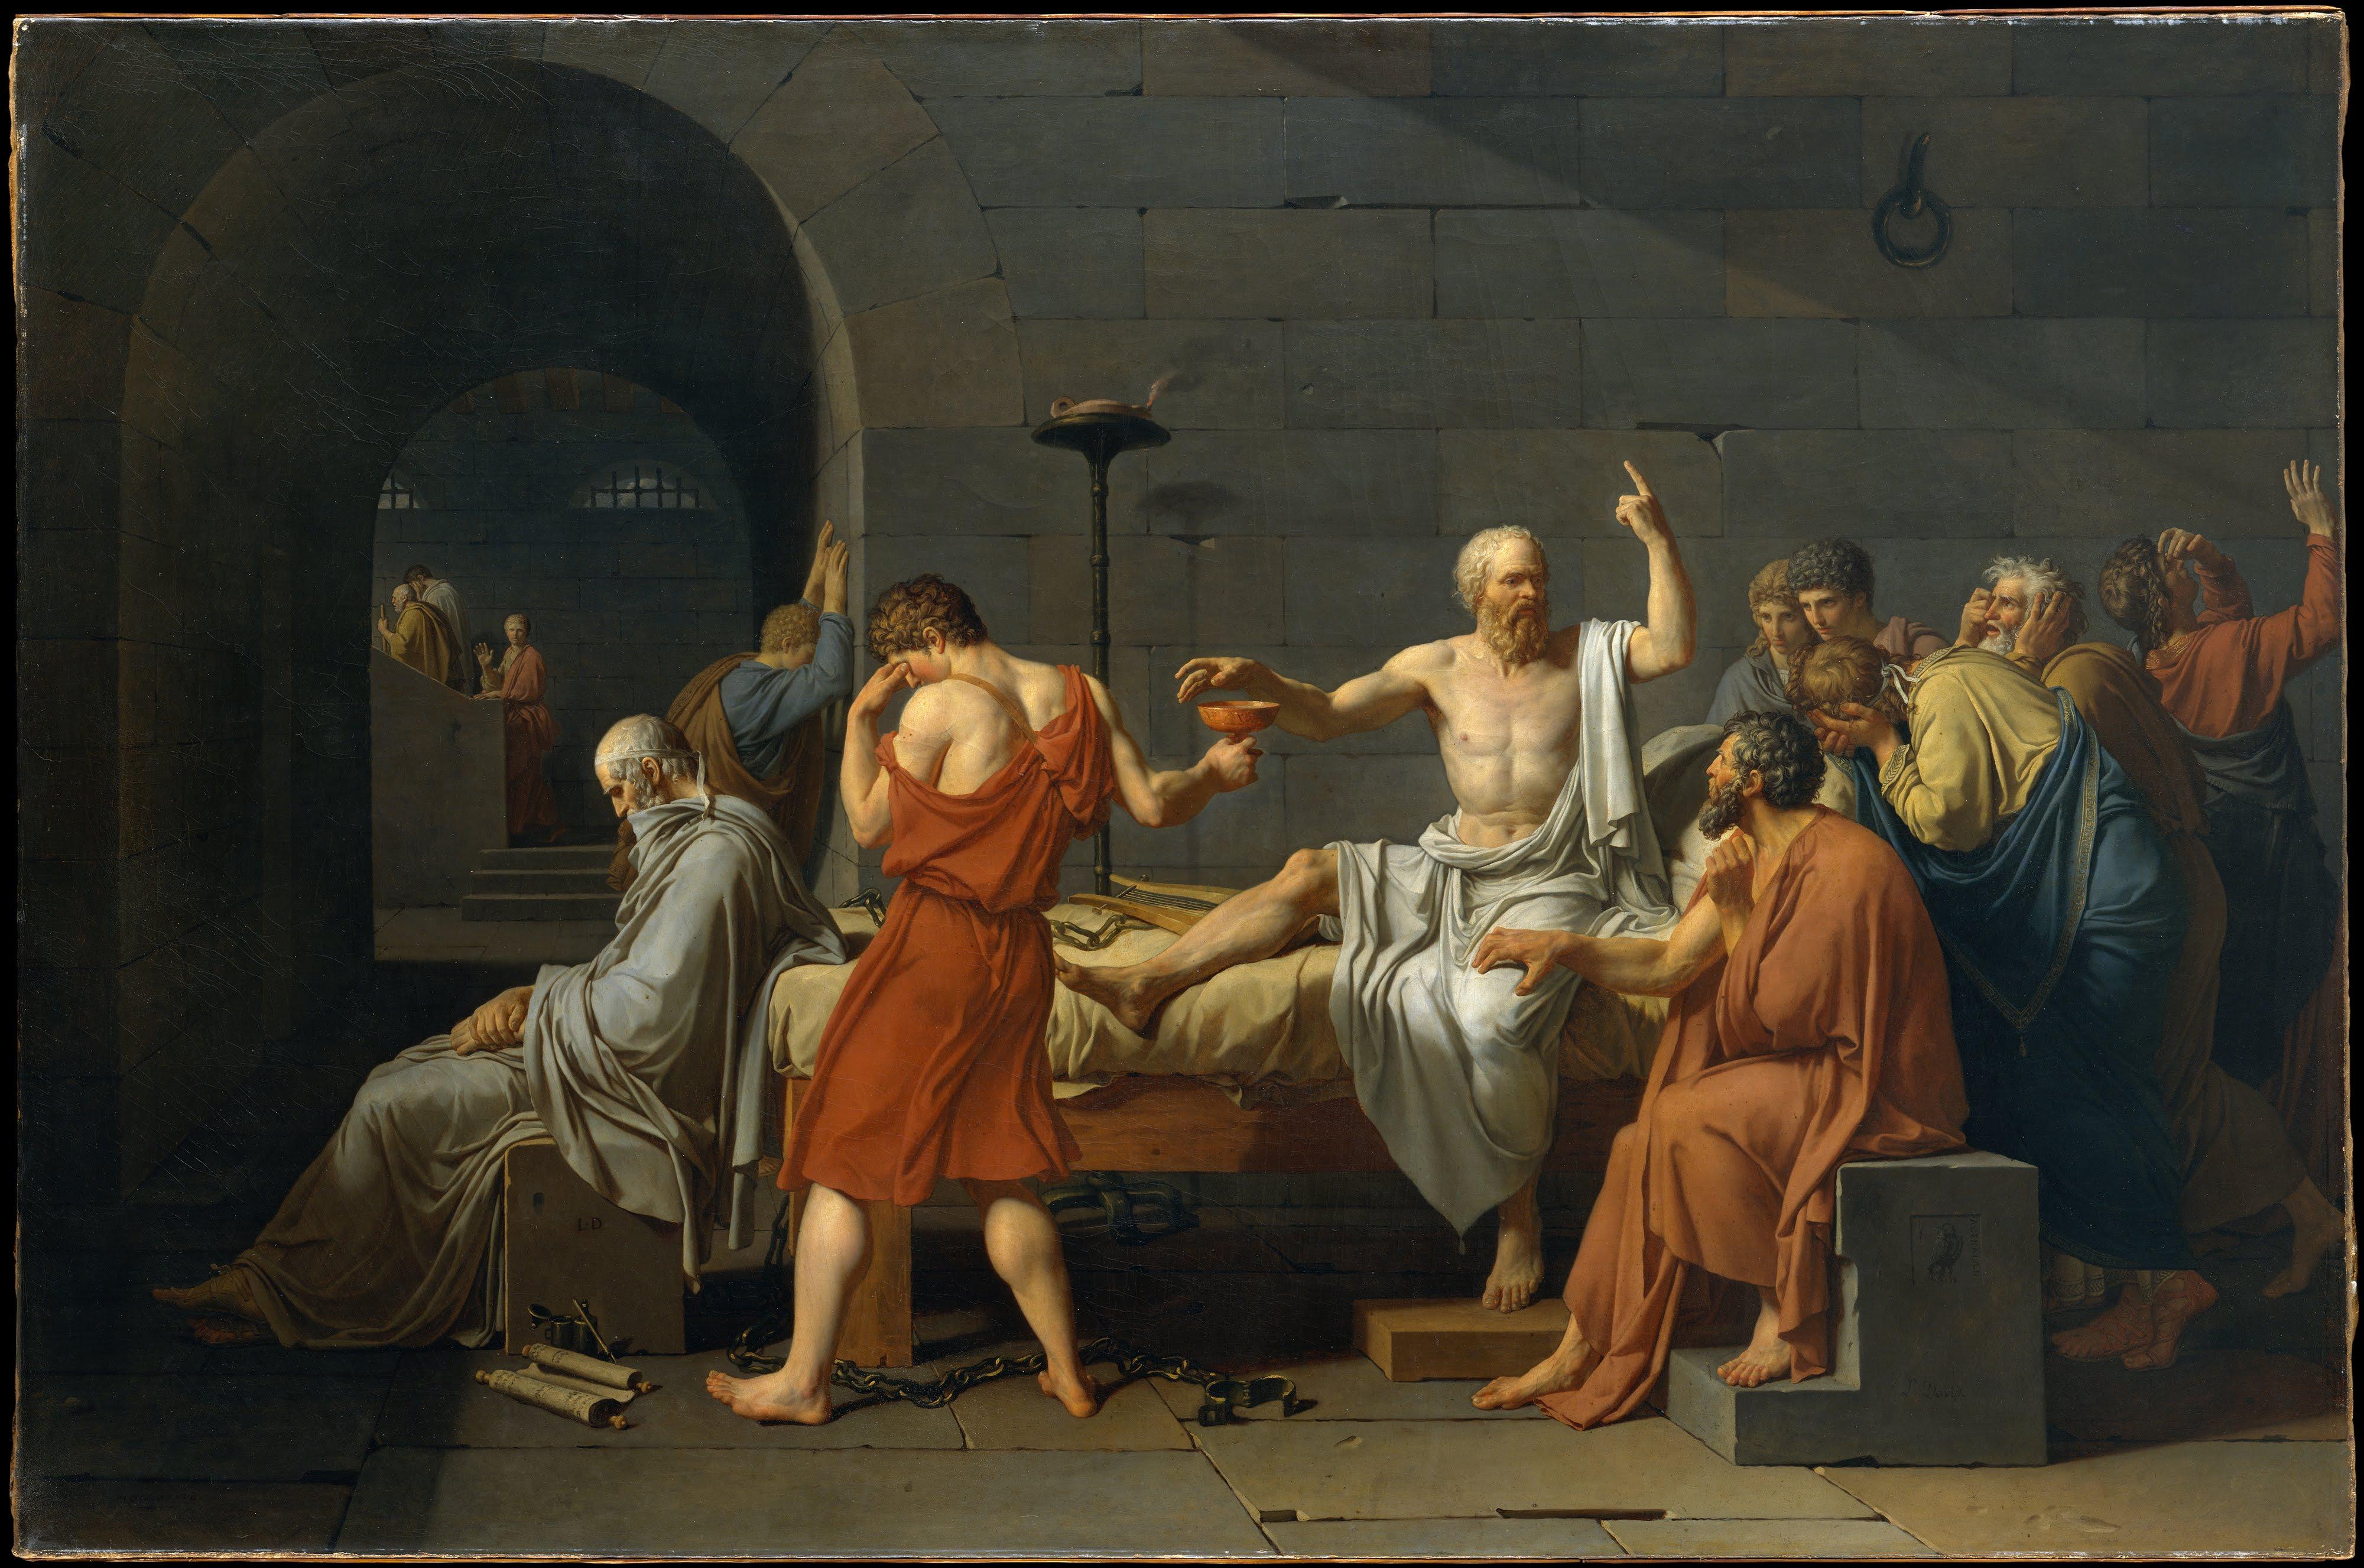 La muerte de Sócrates - Wikipedia, la enciclopedia libre